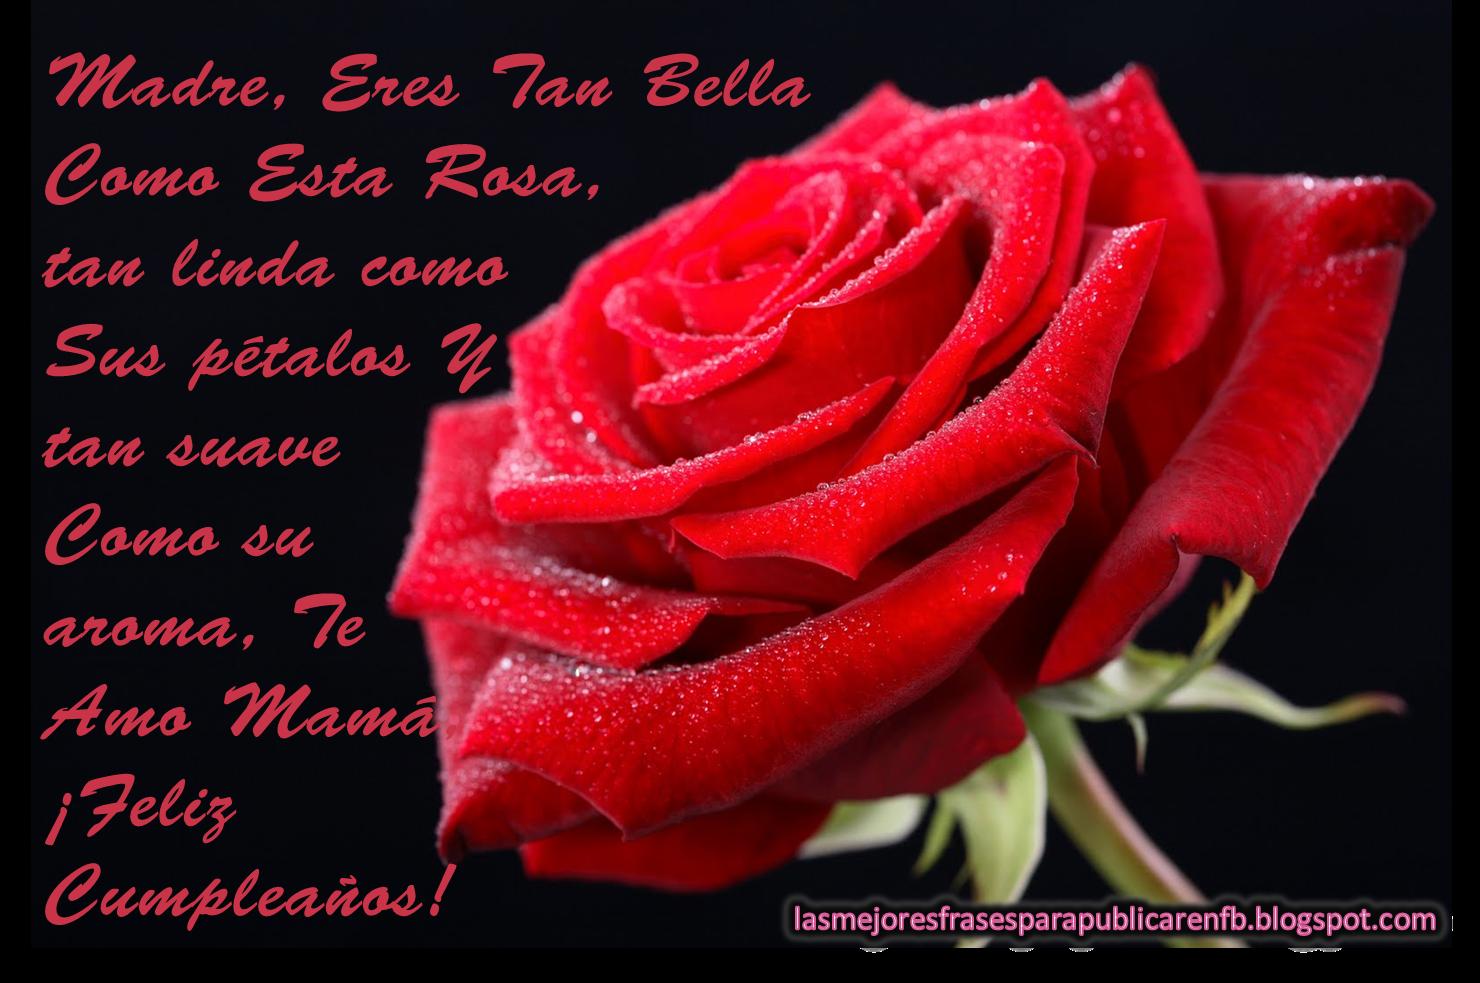 Frases Para Cumpleaños De Mamá: Madre Eres Tan Bella Como Esta Rosa